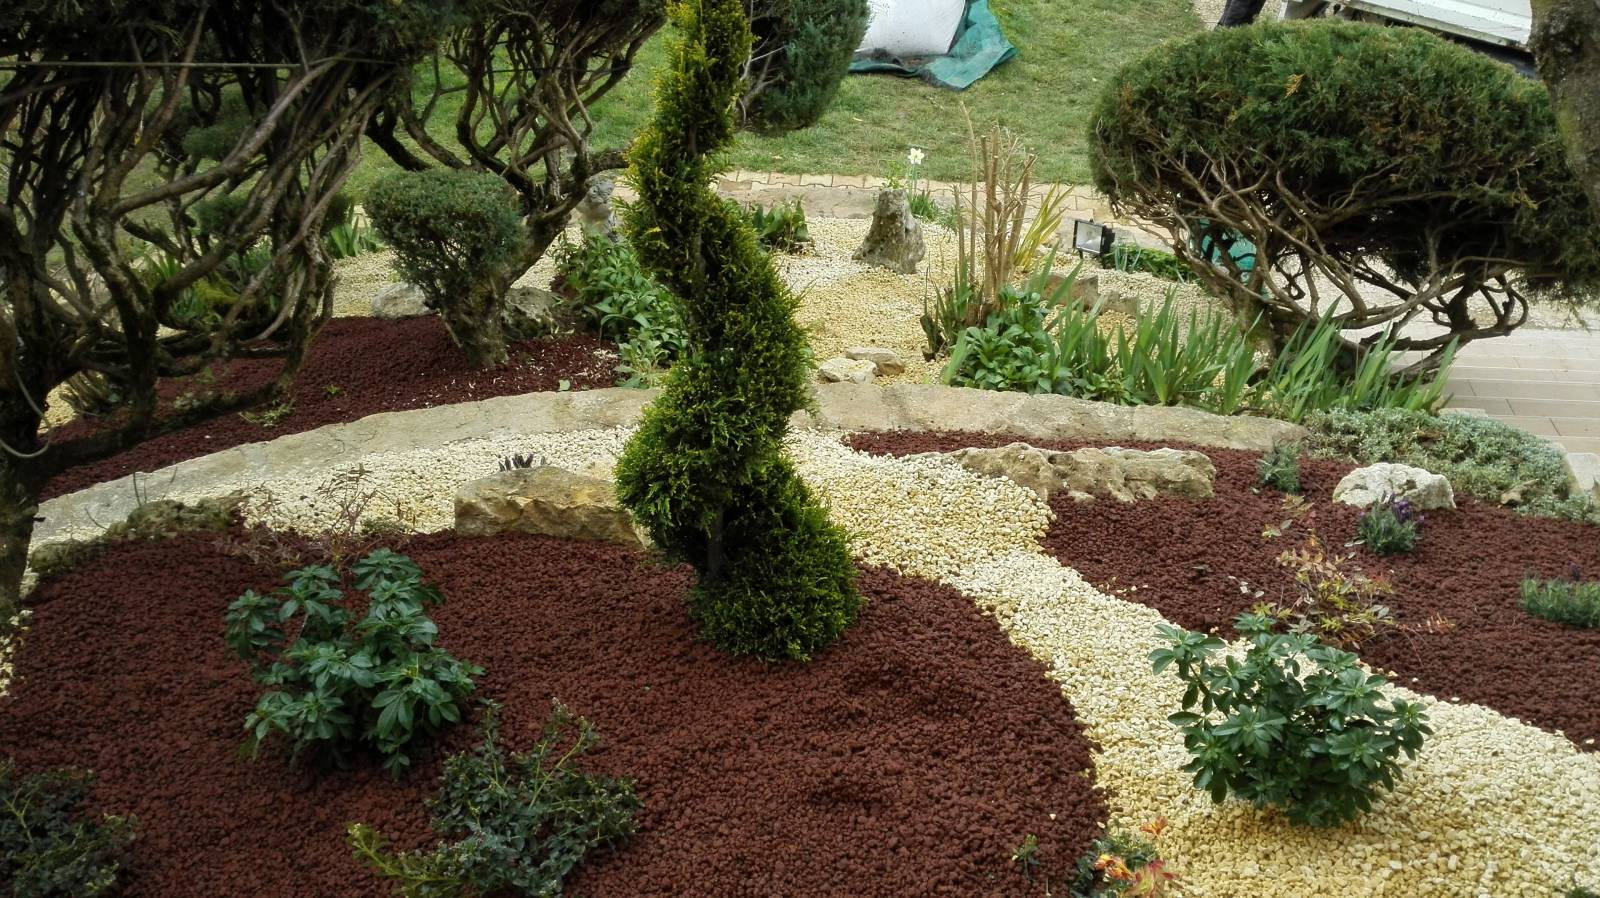 faire am nager son jardin par un paysagiste lyon actual paysage. Black Bedroom Furniture Sets. Home Design Ideas